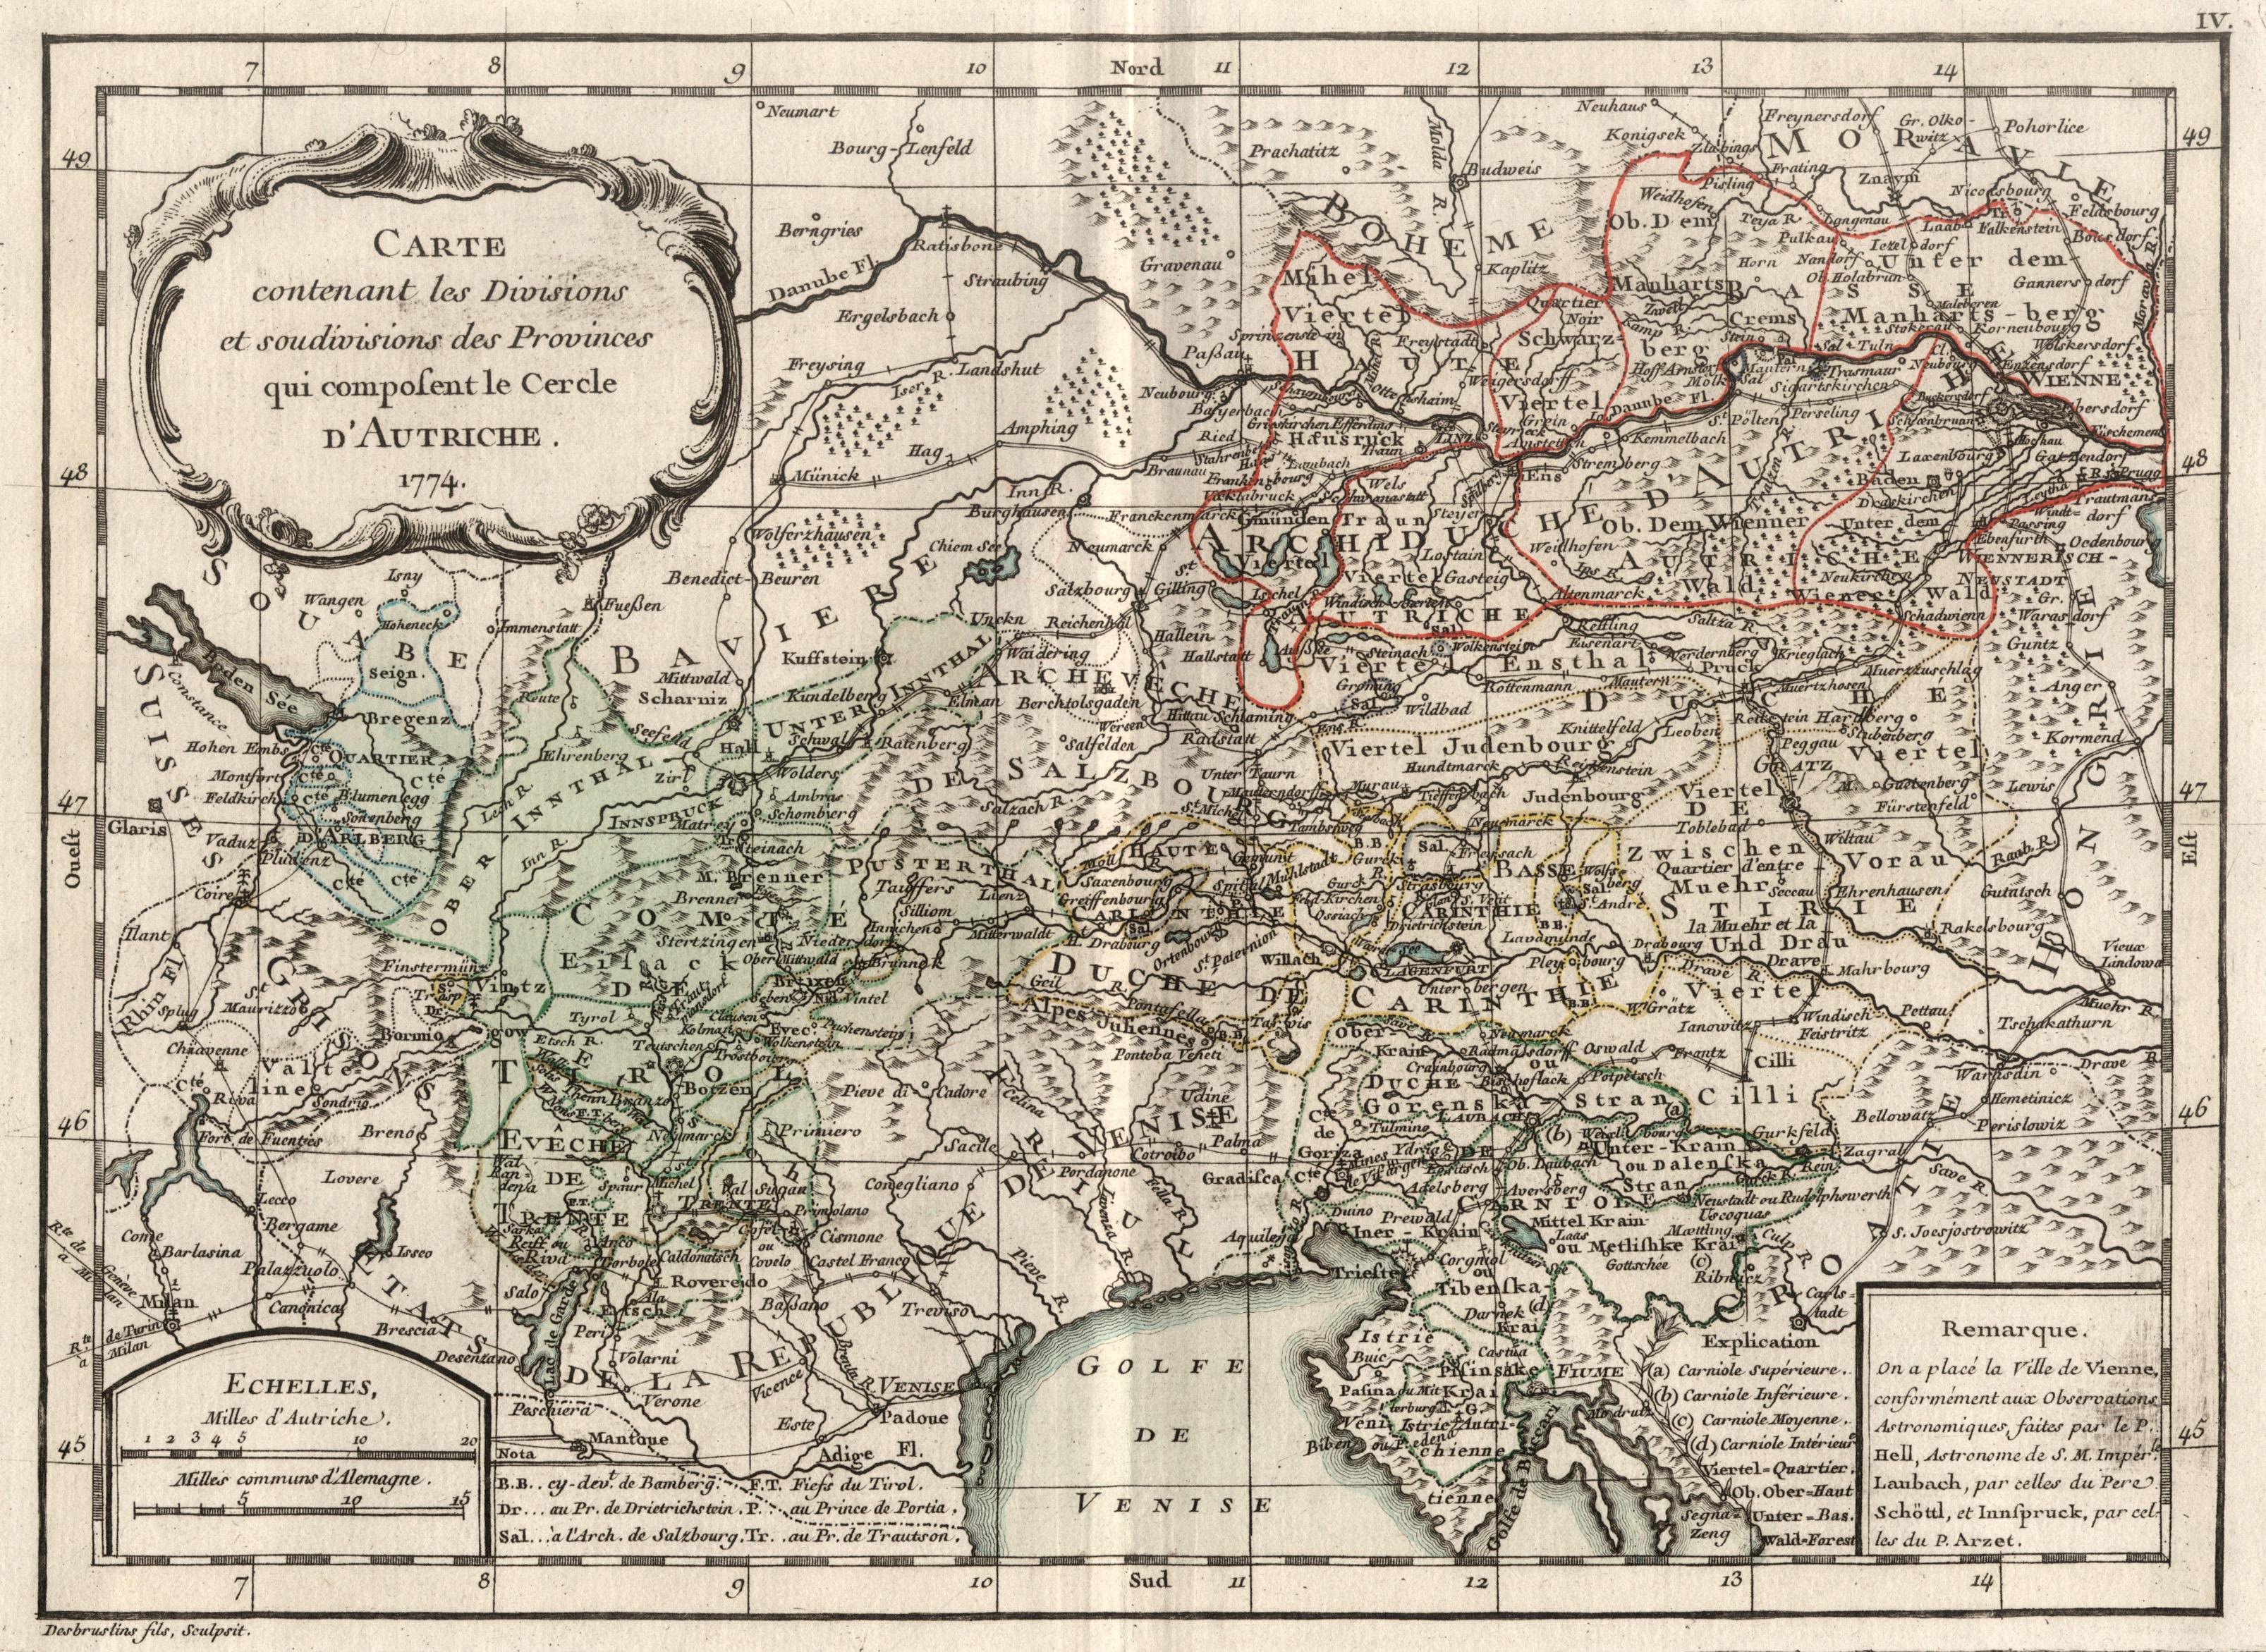 """Kst.- Karte, von Desbruslins fils, """"Carte contenant: Österreichischer Kreis:"""